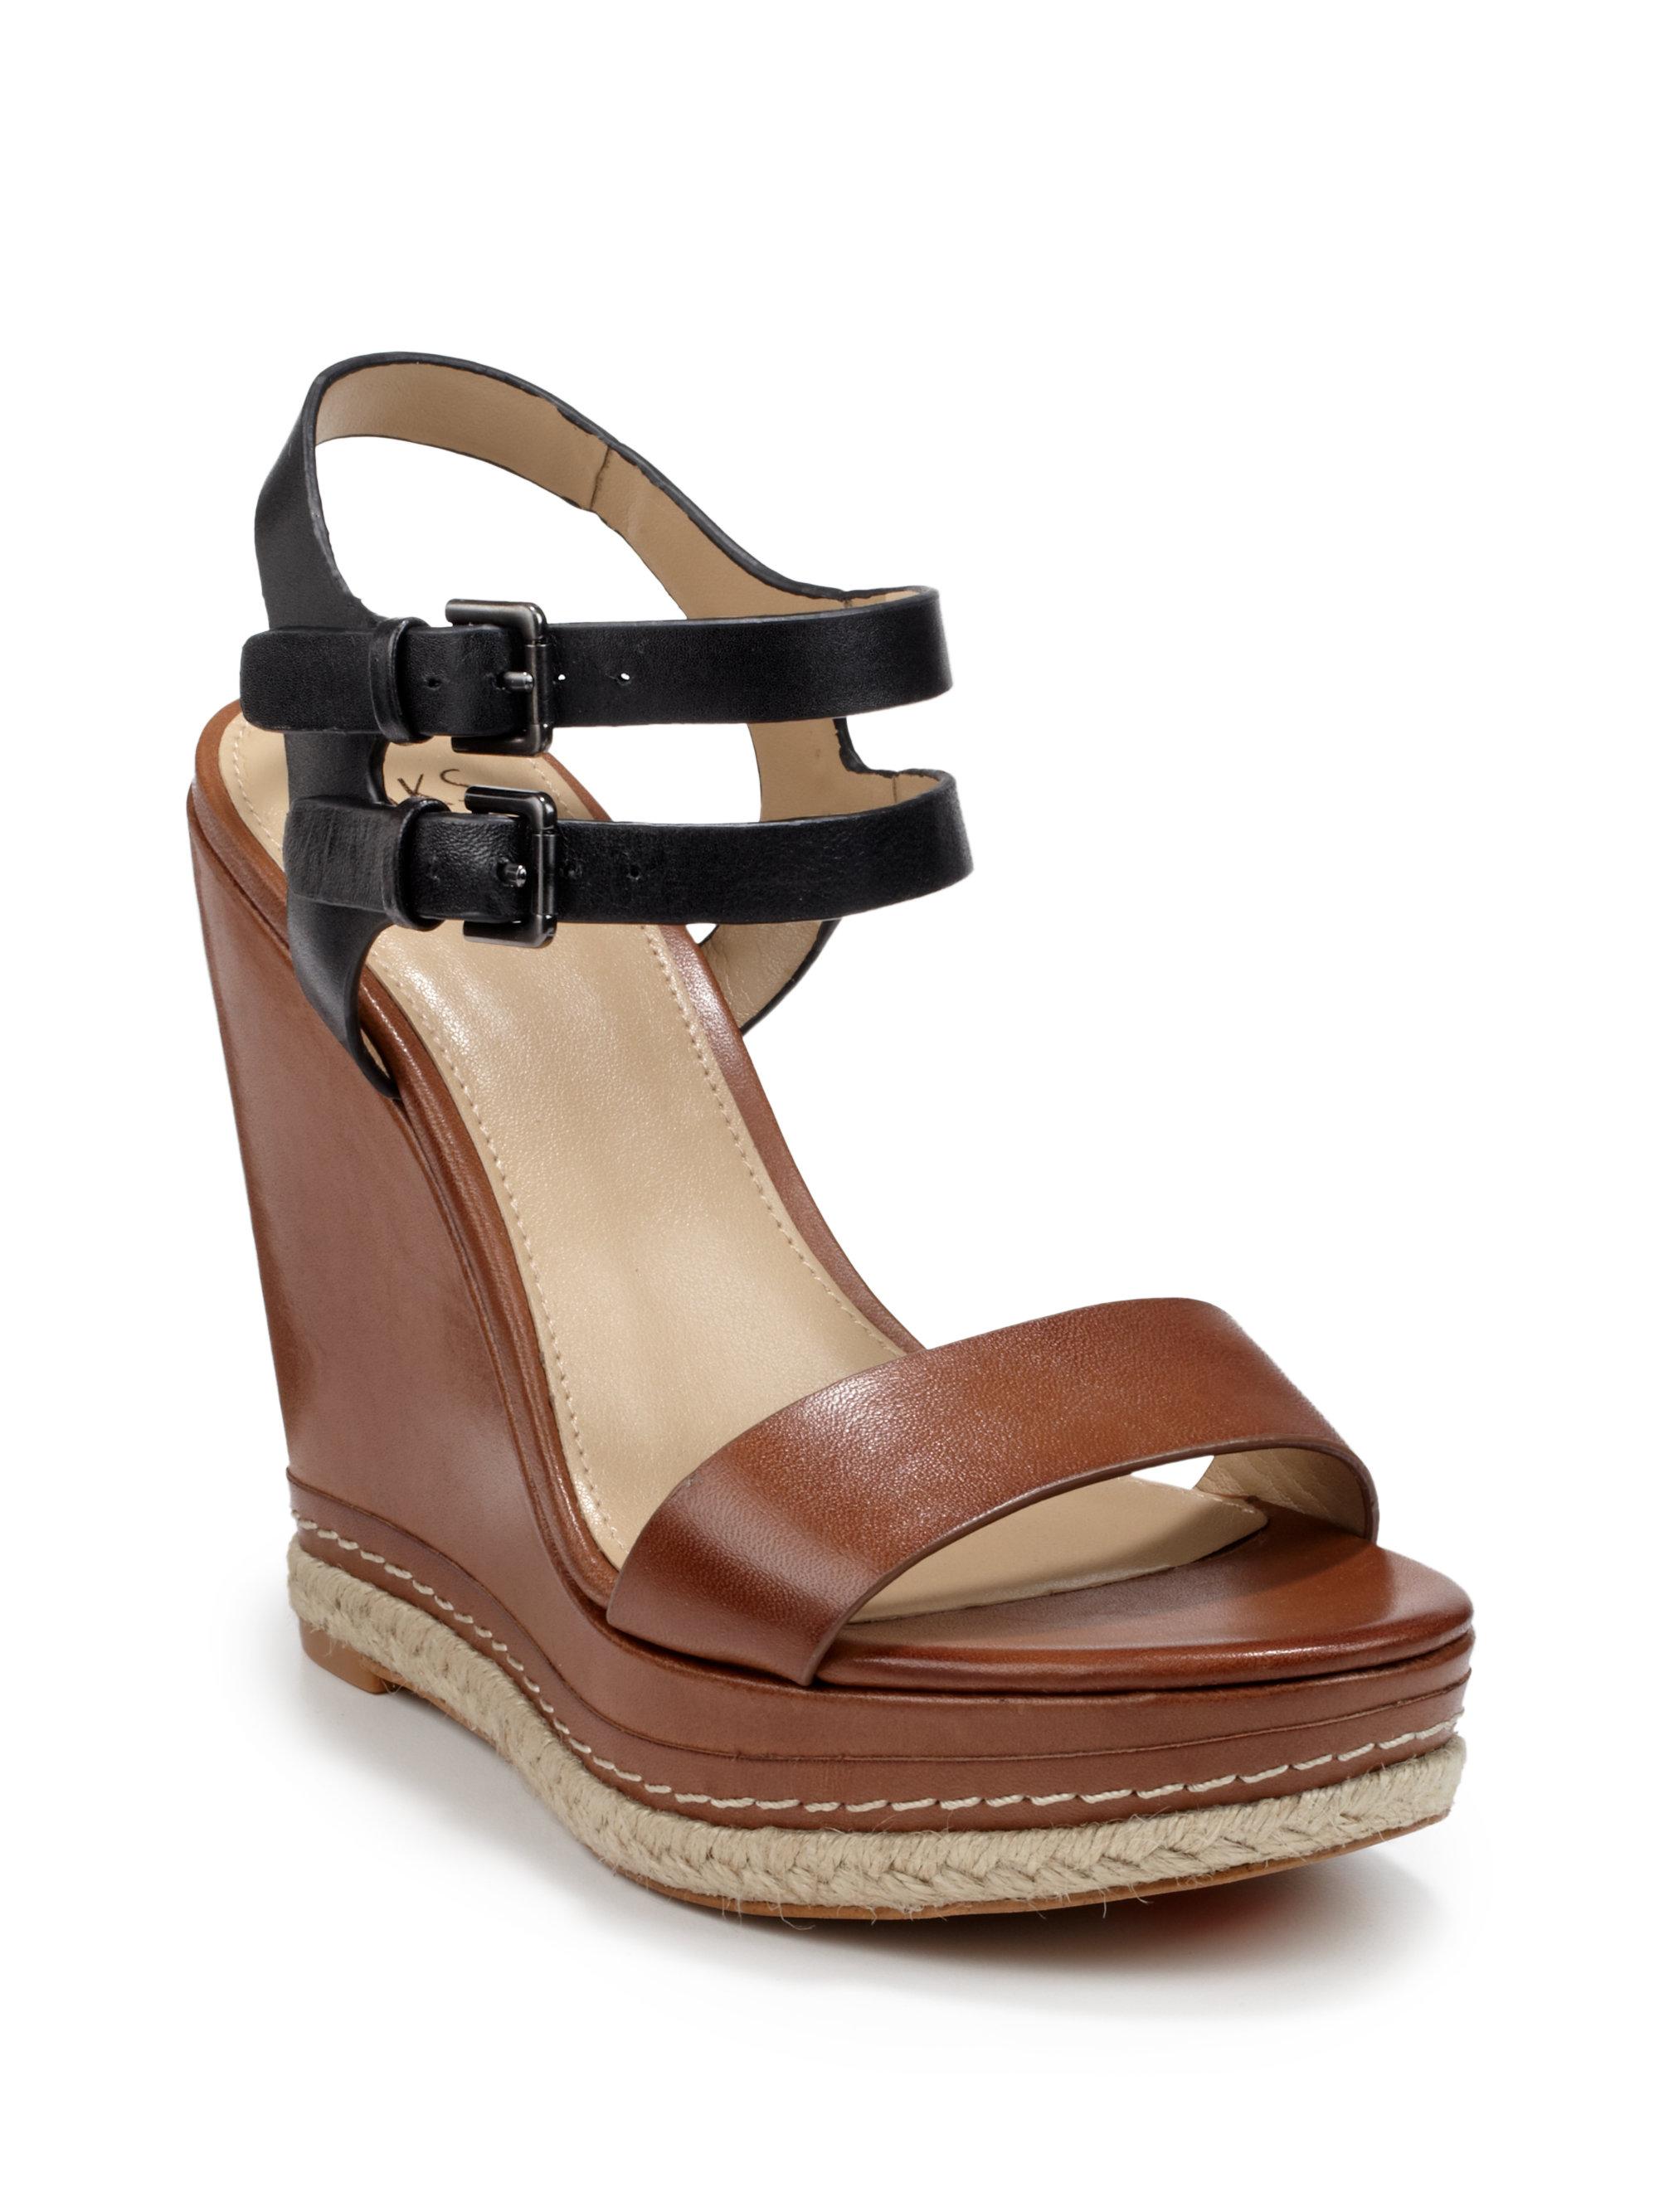 Viola Colorblock Leather Platform Sandals G31Ule